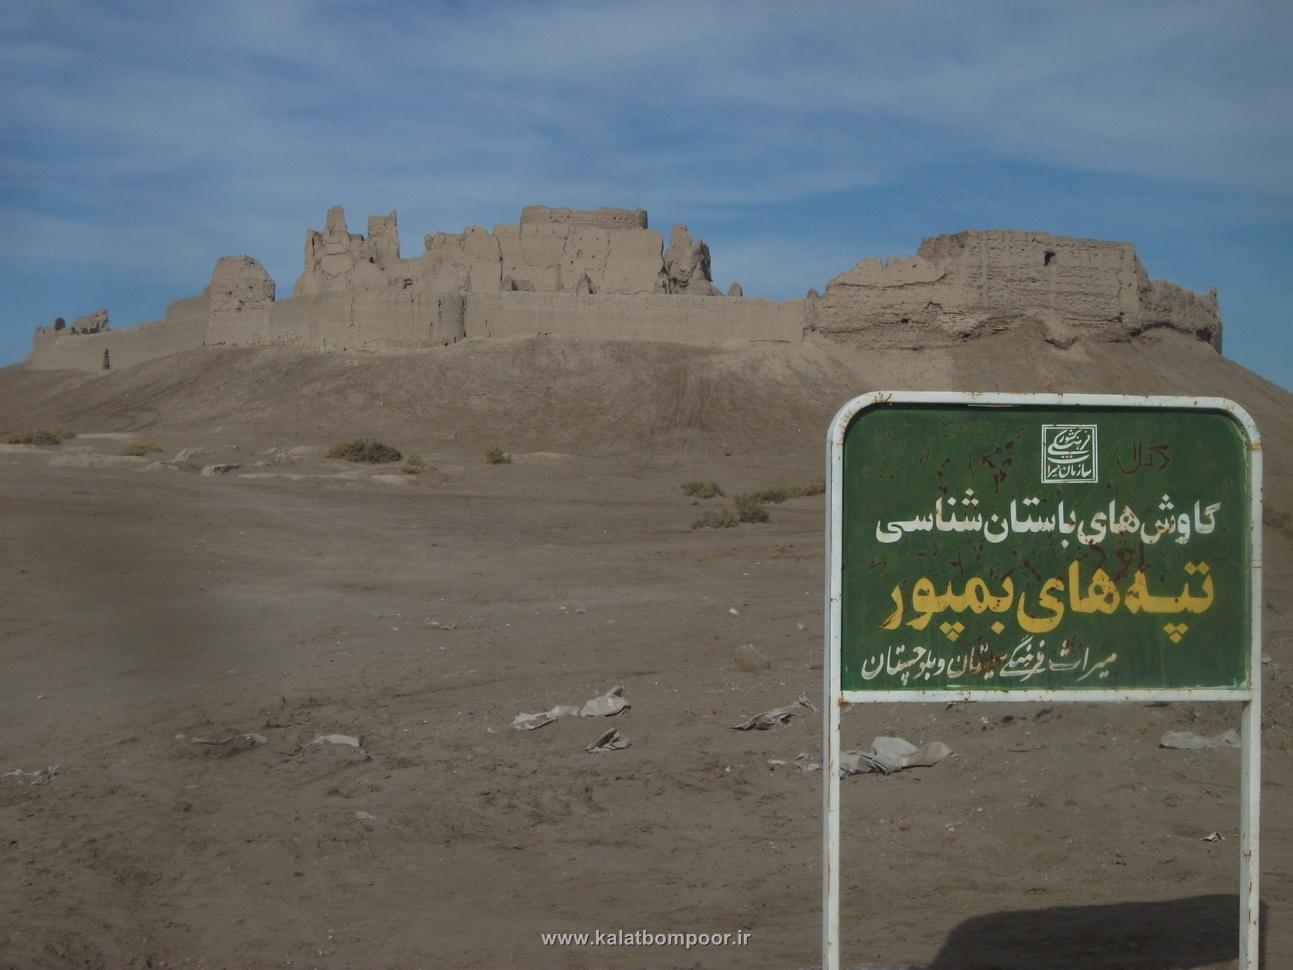 قلعه بمپور قلب تپنده ایران زمین